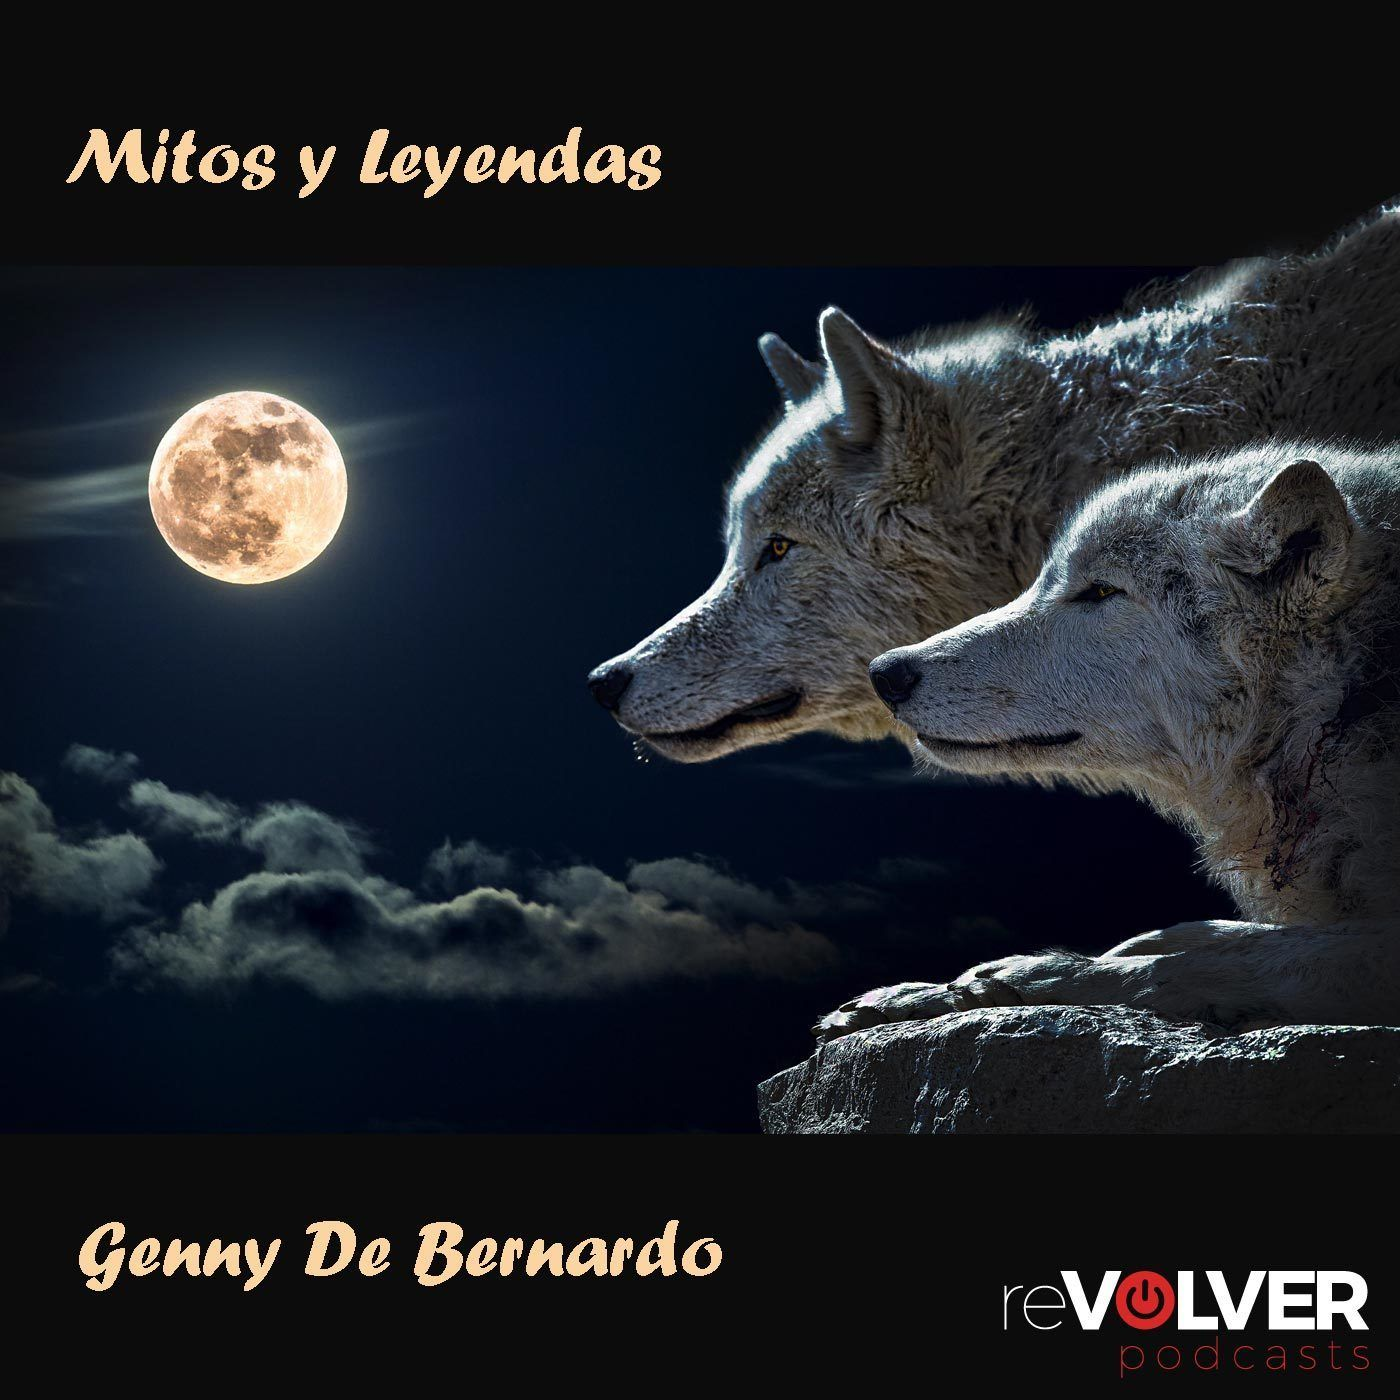 Episode 164 - Mitos y Leyendas – El cerro Uritorco